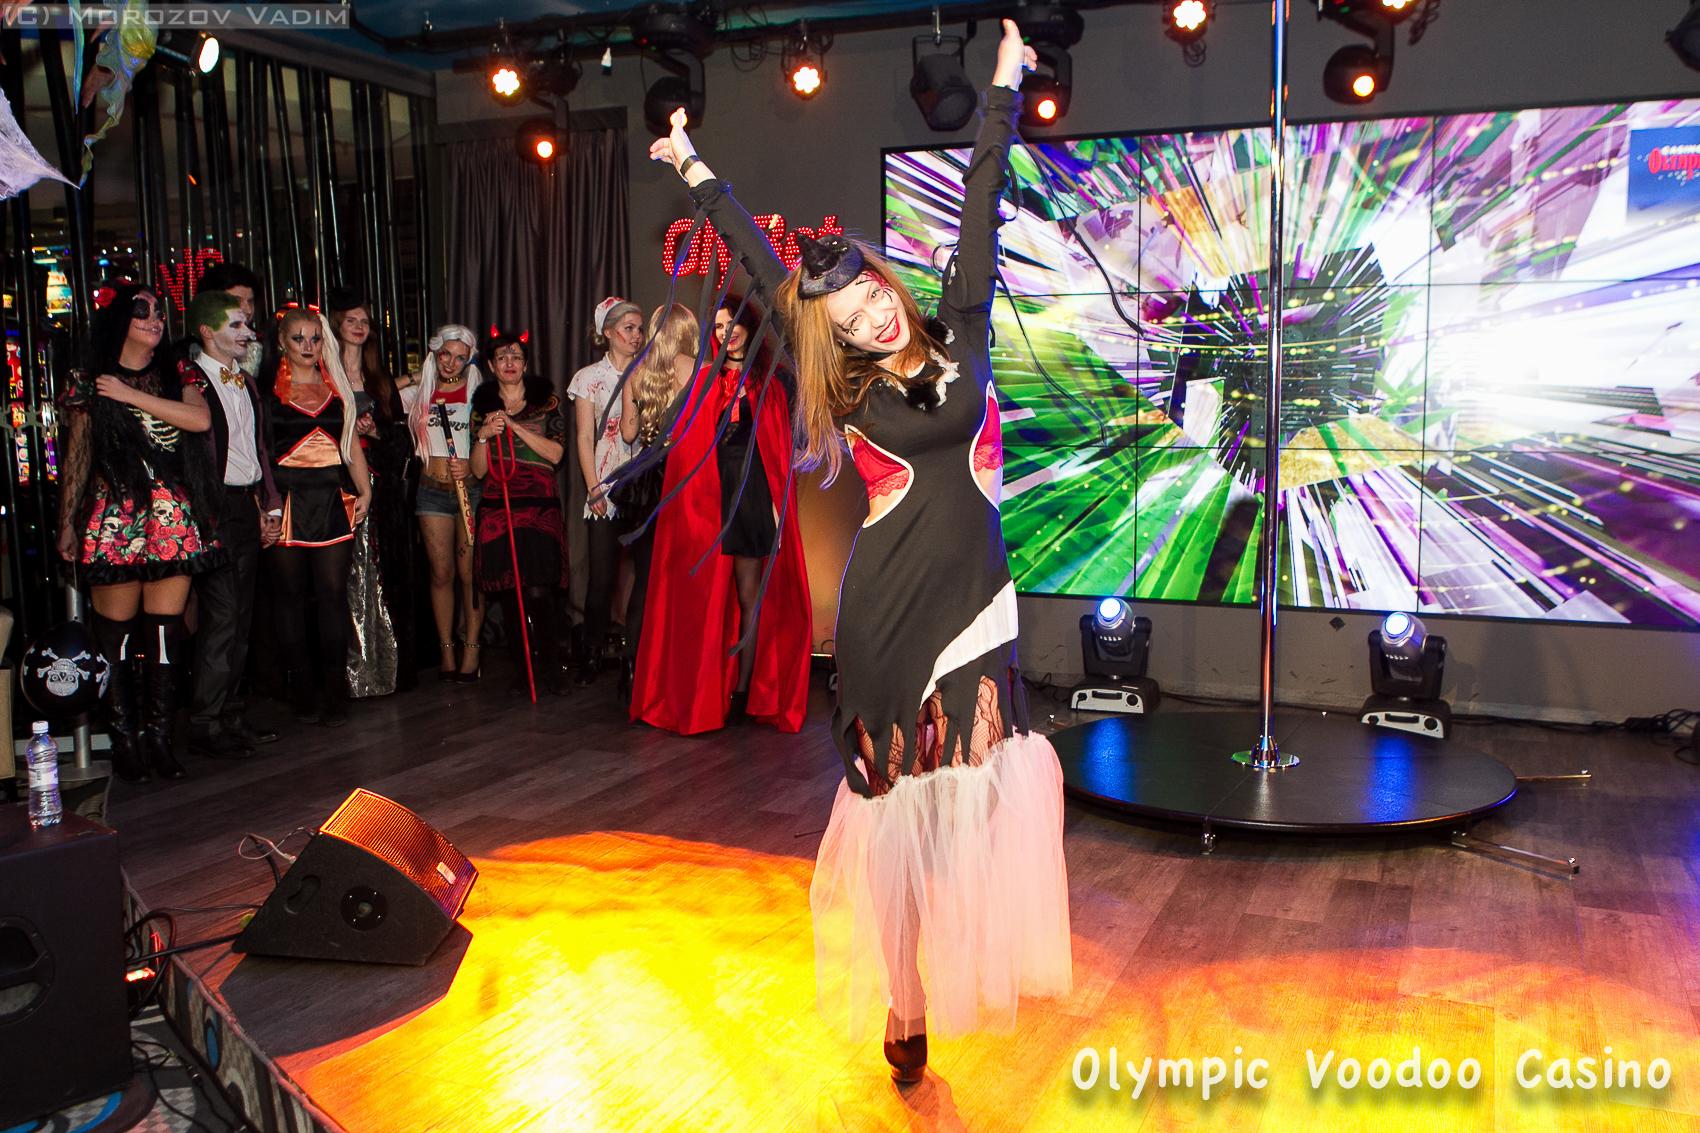 Казино olympic voodoo casino формат музыки какой должен быть в казино